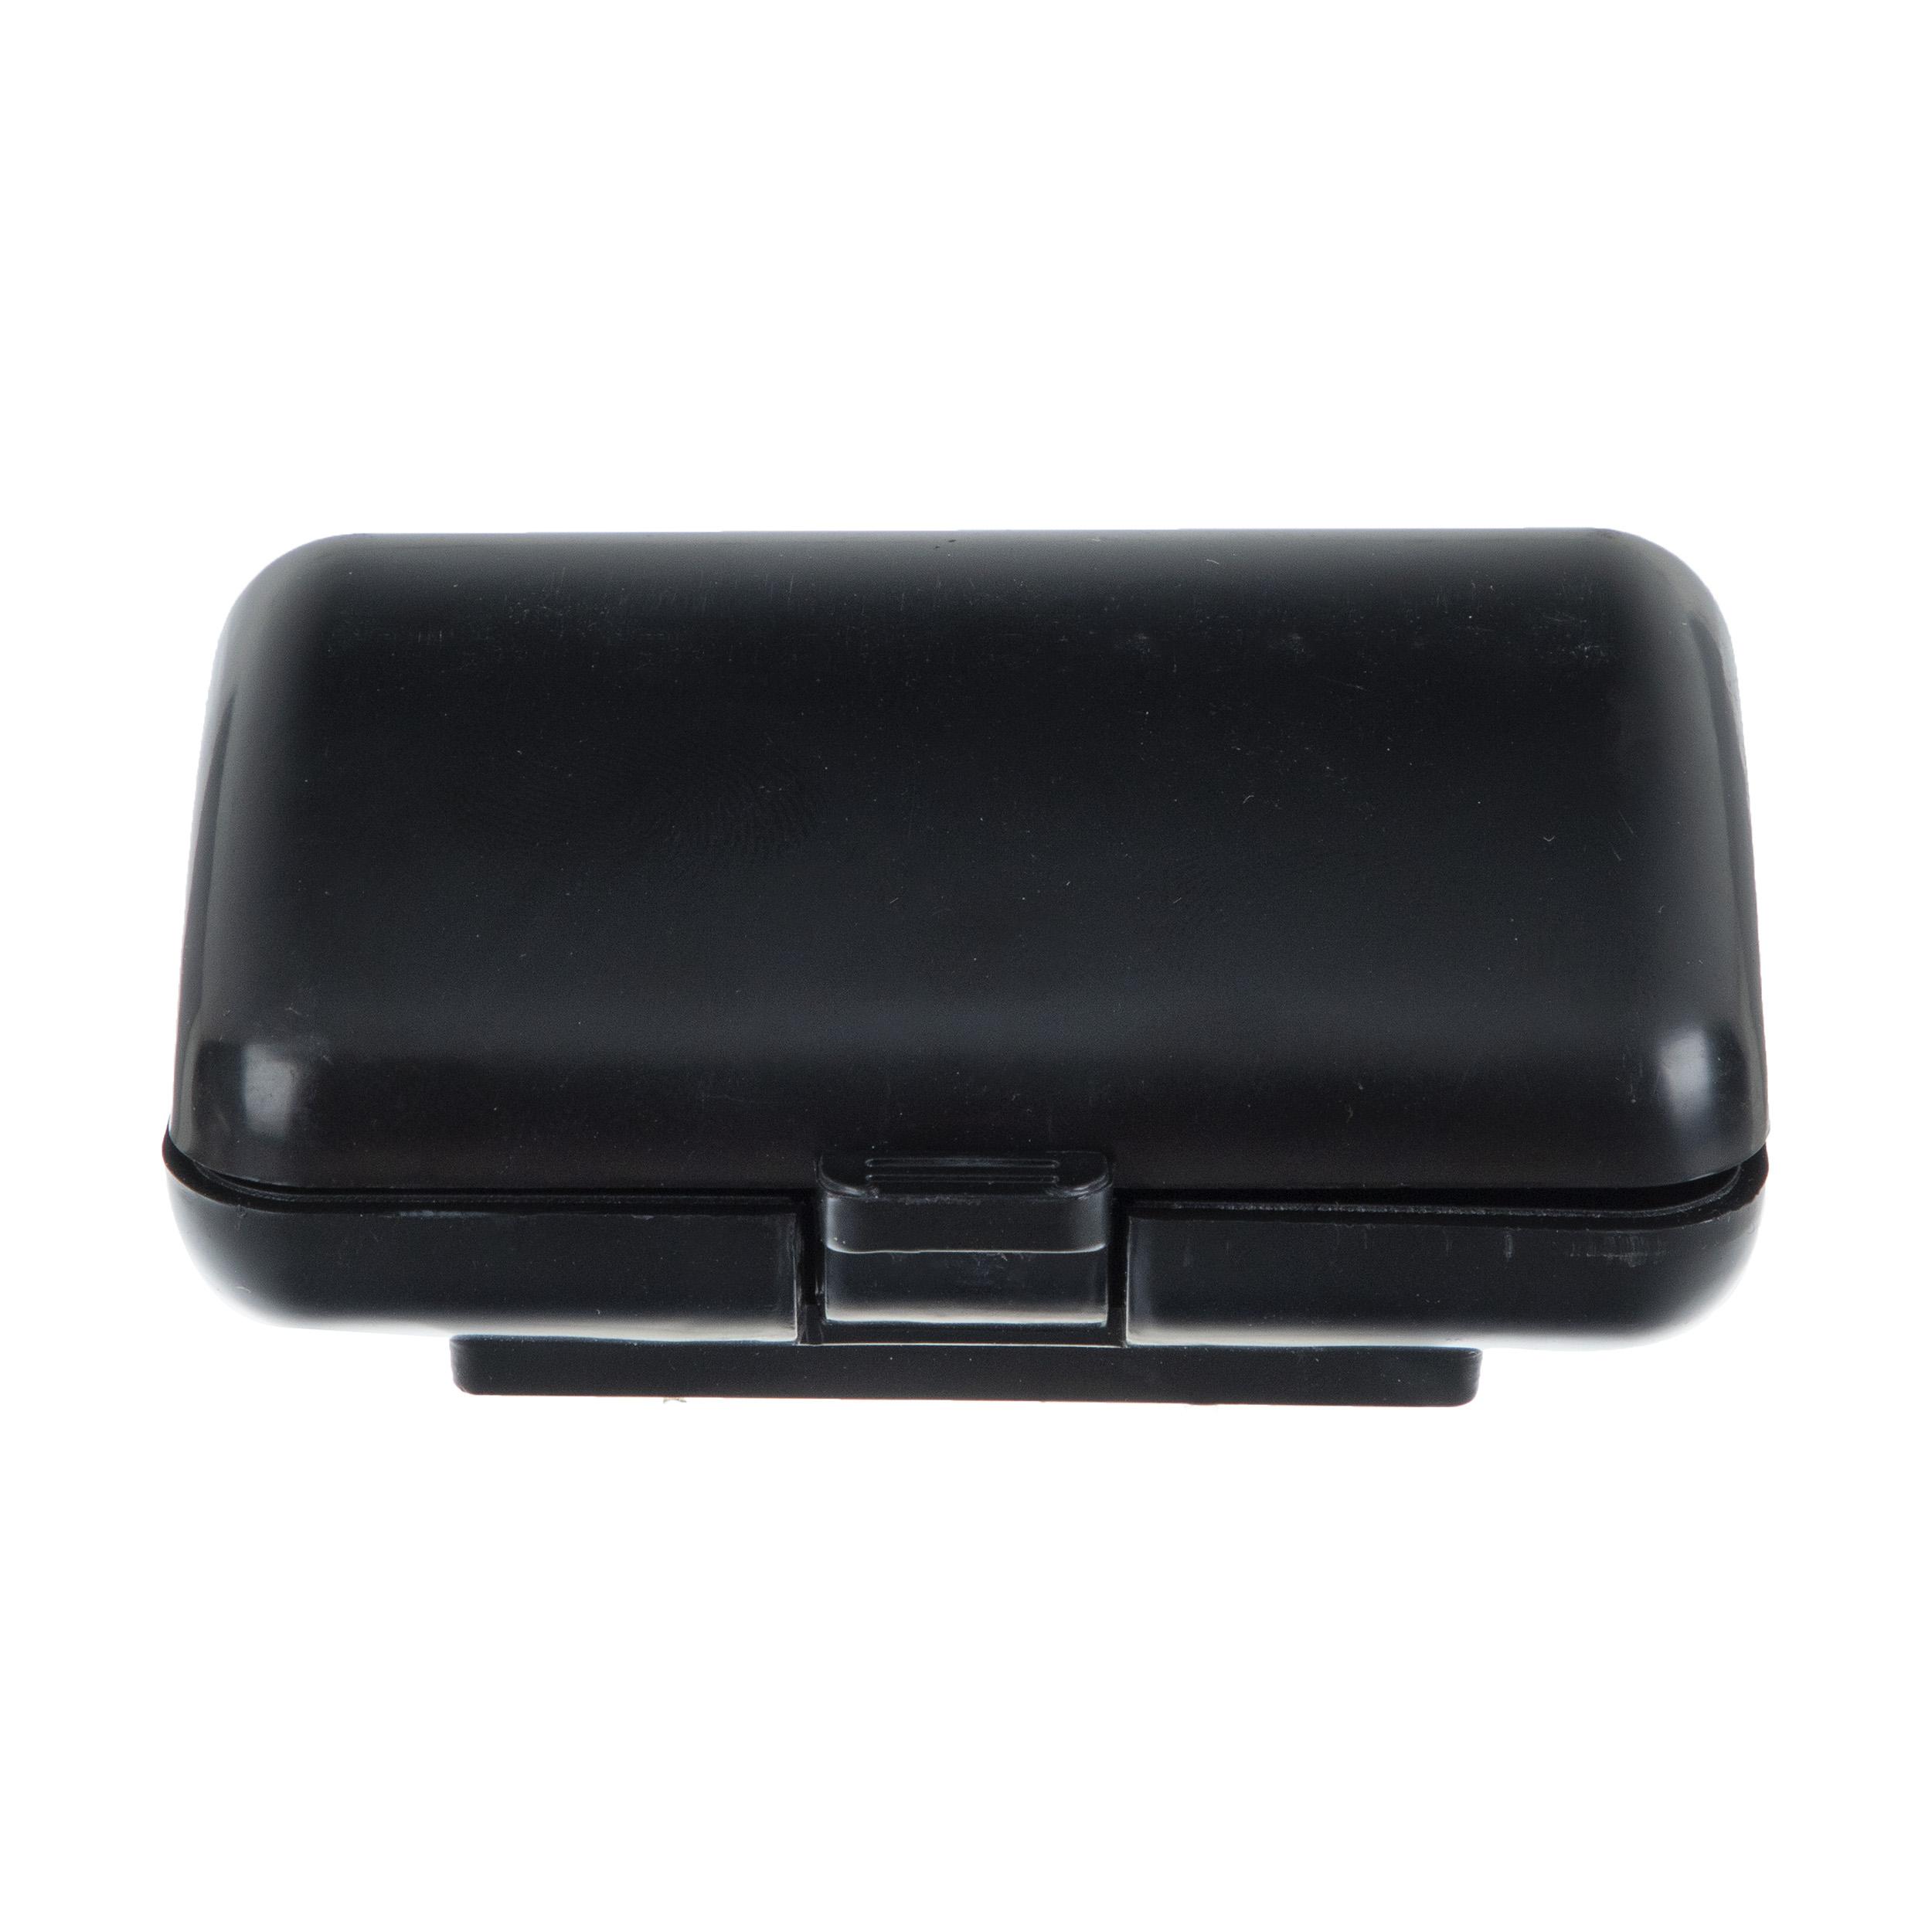 نگهدارنده لوازم جانبی کارفو مدل Ac-2184 مناسب برای خودرو